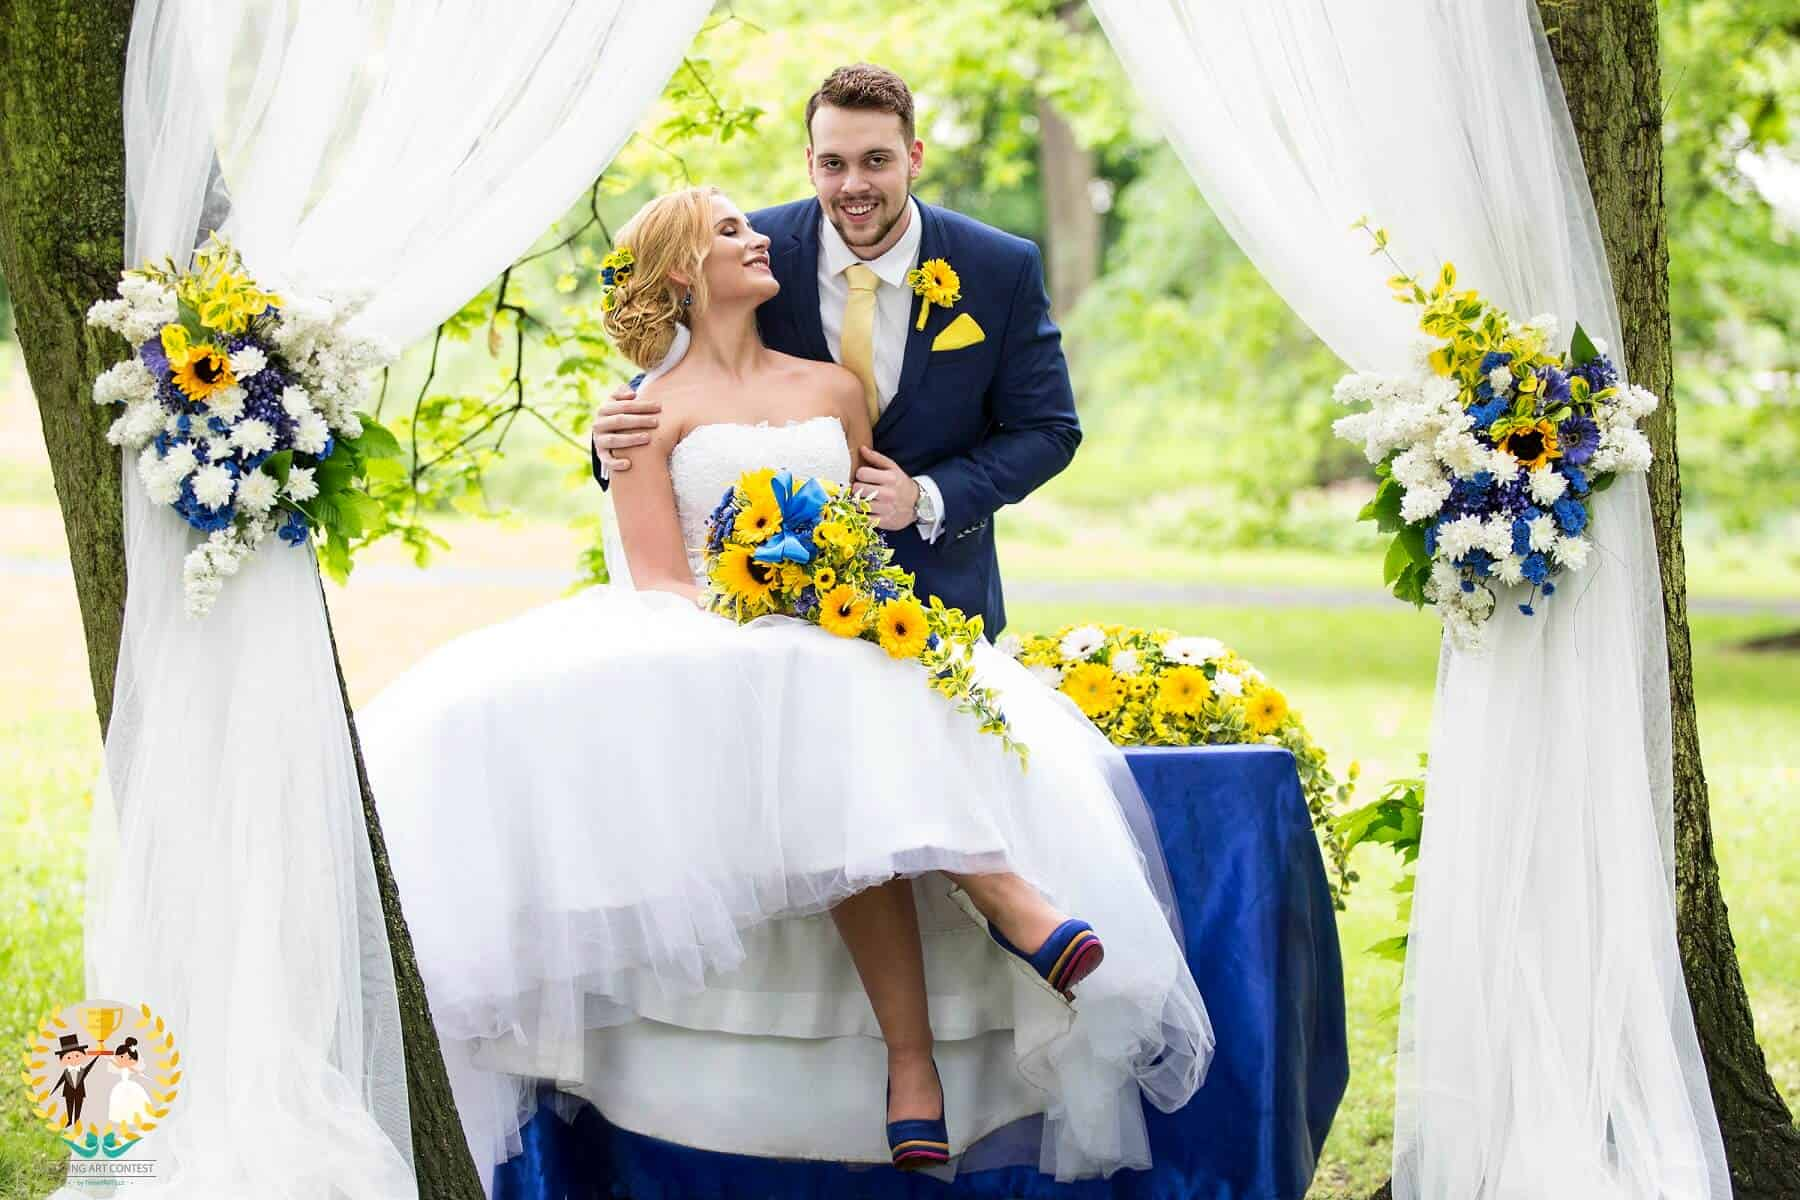 Svatební pár vítězného týmu - modro/žlutá svatba